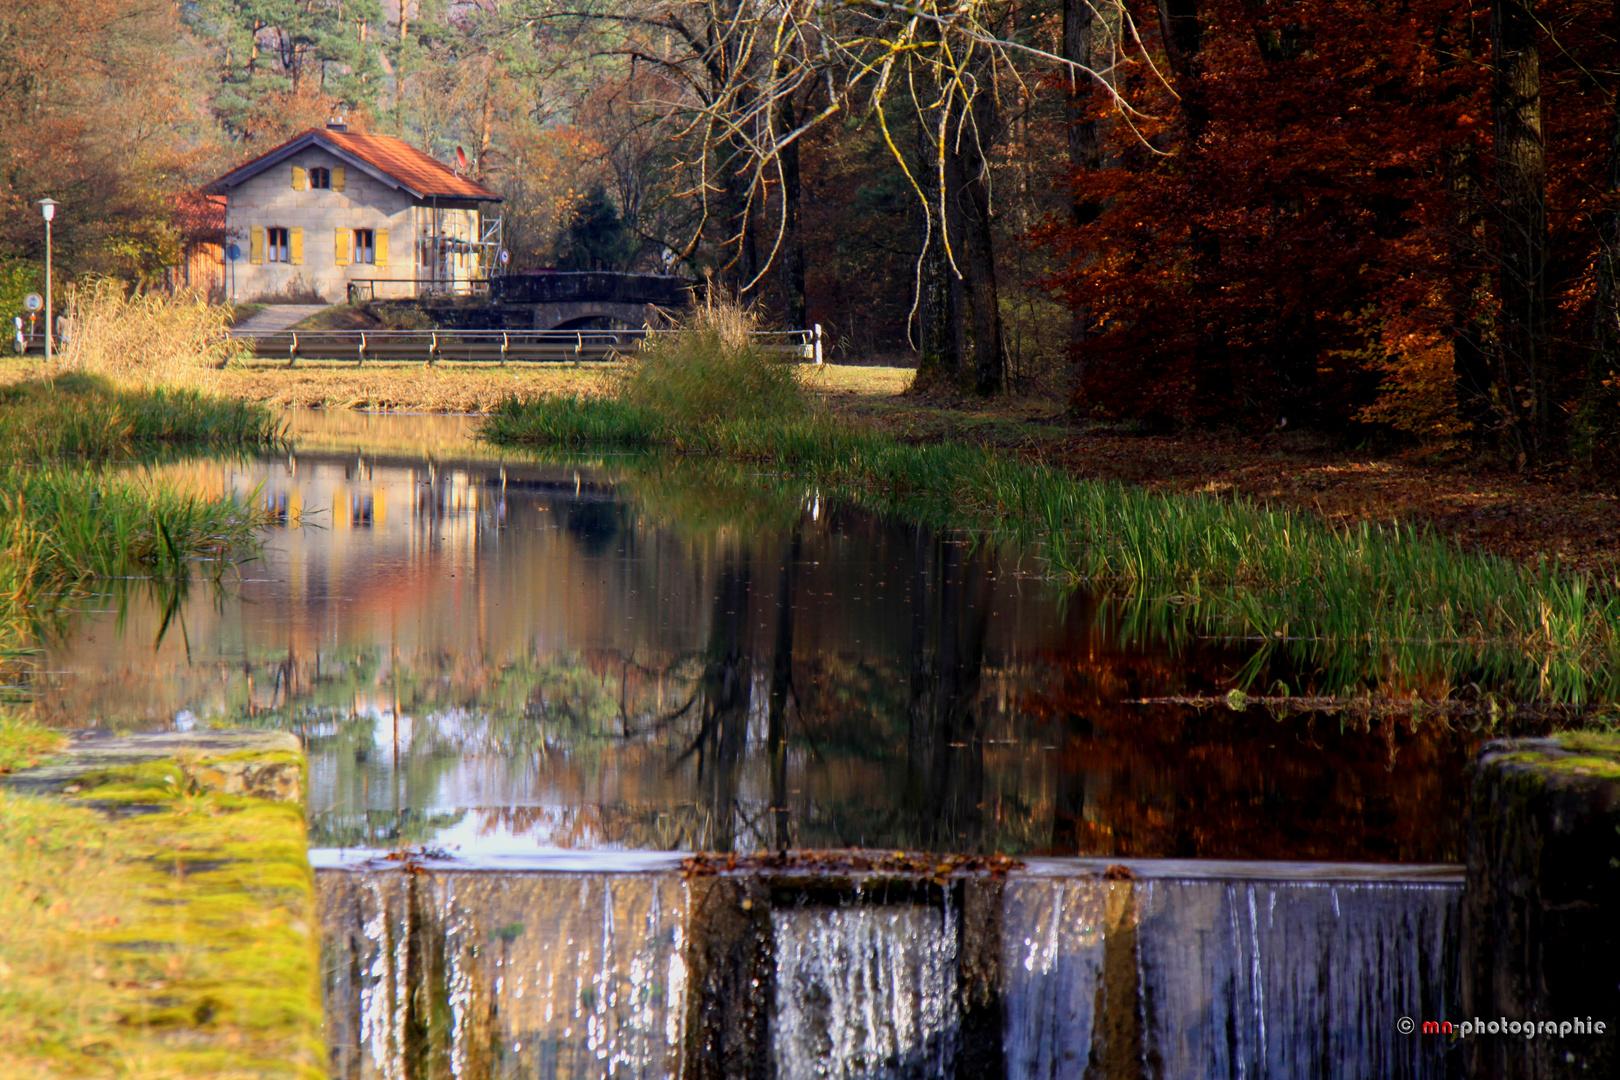 Schleuse bei Pfeifferhütte im Herbst mit Spiegelungen